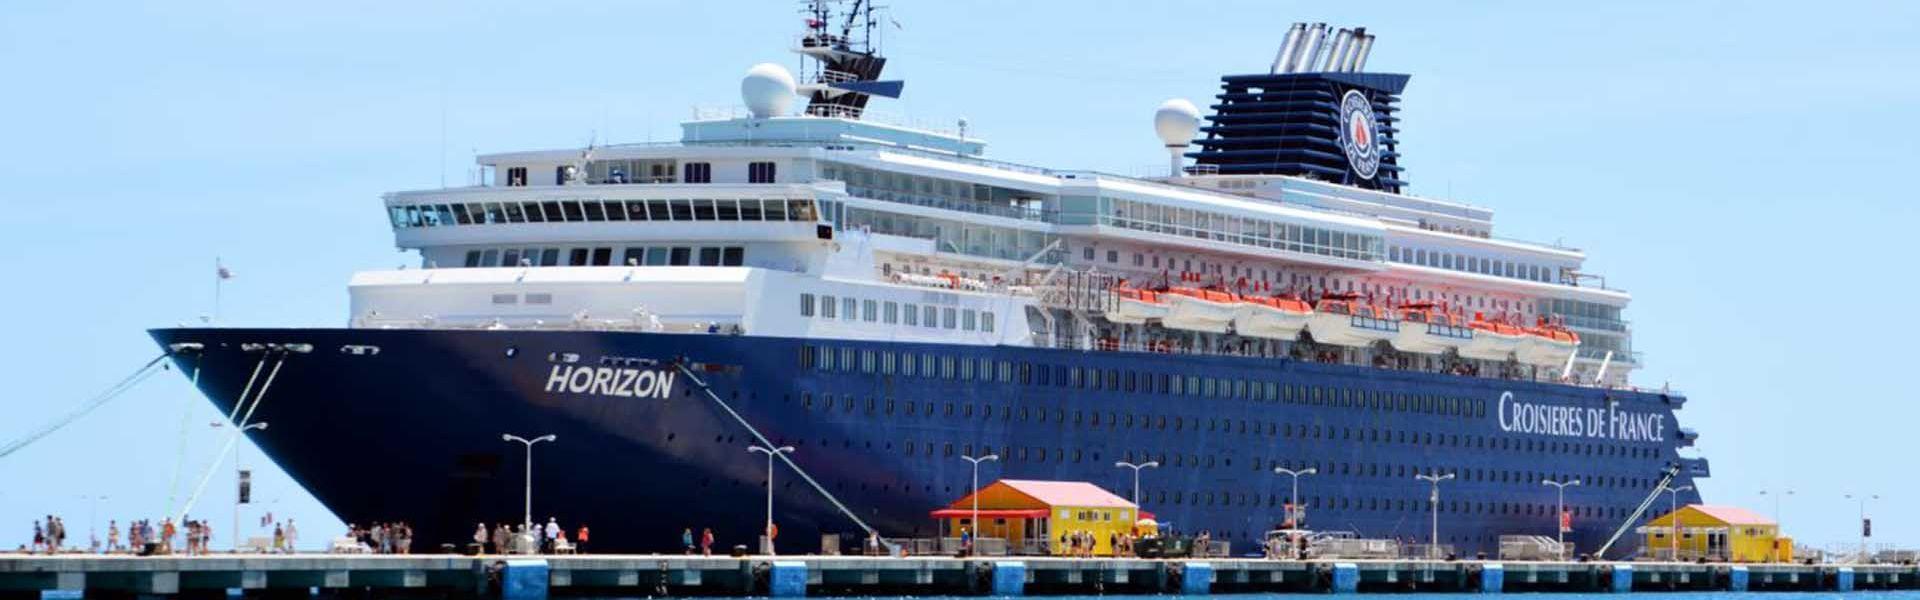 Croaziera 2017 - Mediterana de Est (Atena) - Pullmantur Cruises - Horizon - 7 nopti